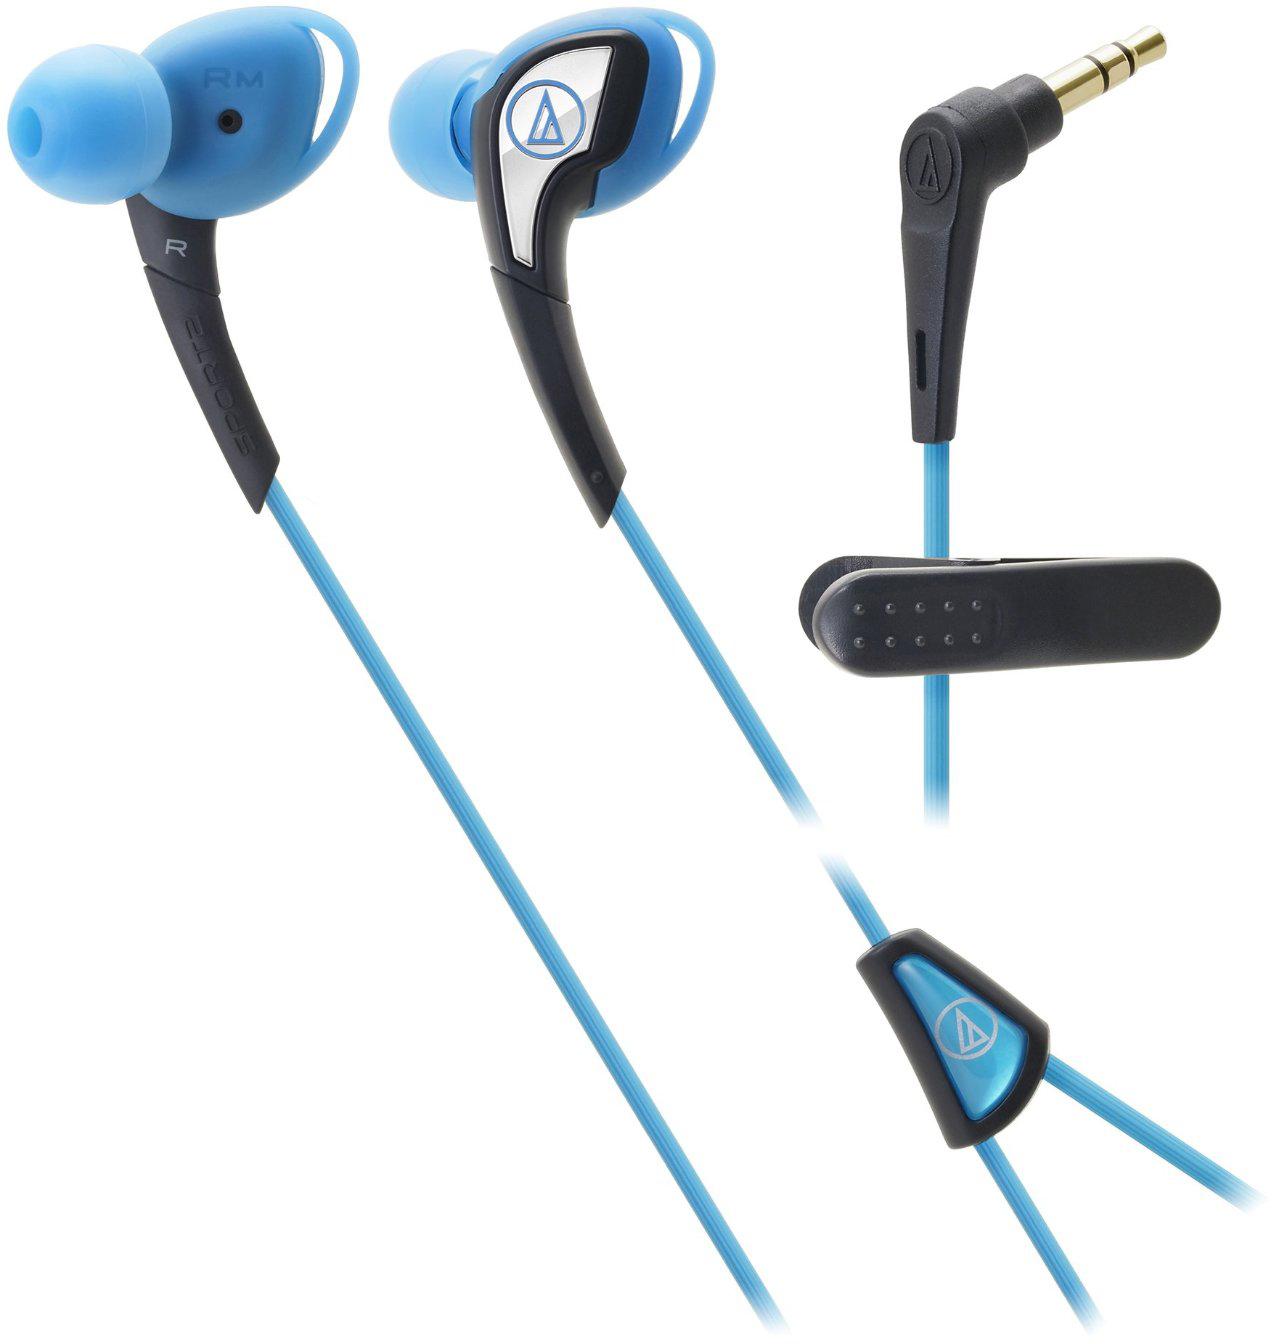 Audio-Technica ATH-SPORT2 (15118013) - спортивные внутриканальные наушники (Blue)Внутриканальные наушники<br>Спортивные внутриканальные наушники<br>